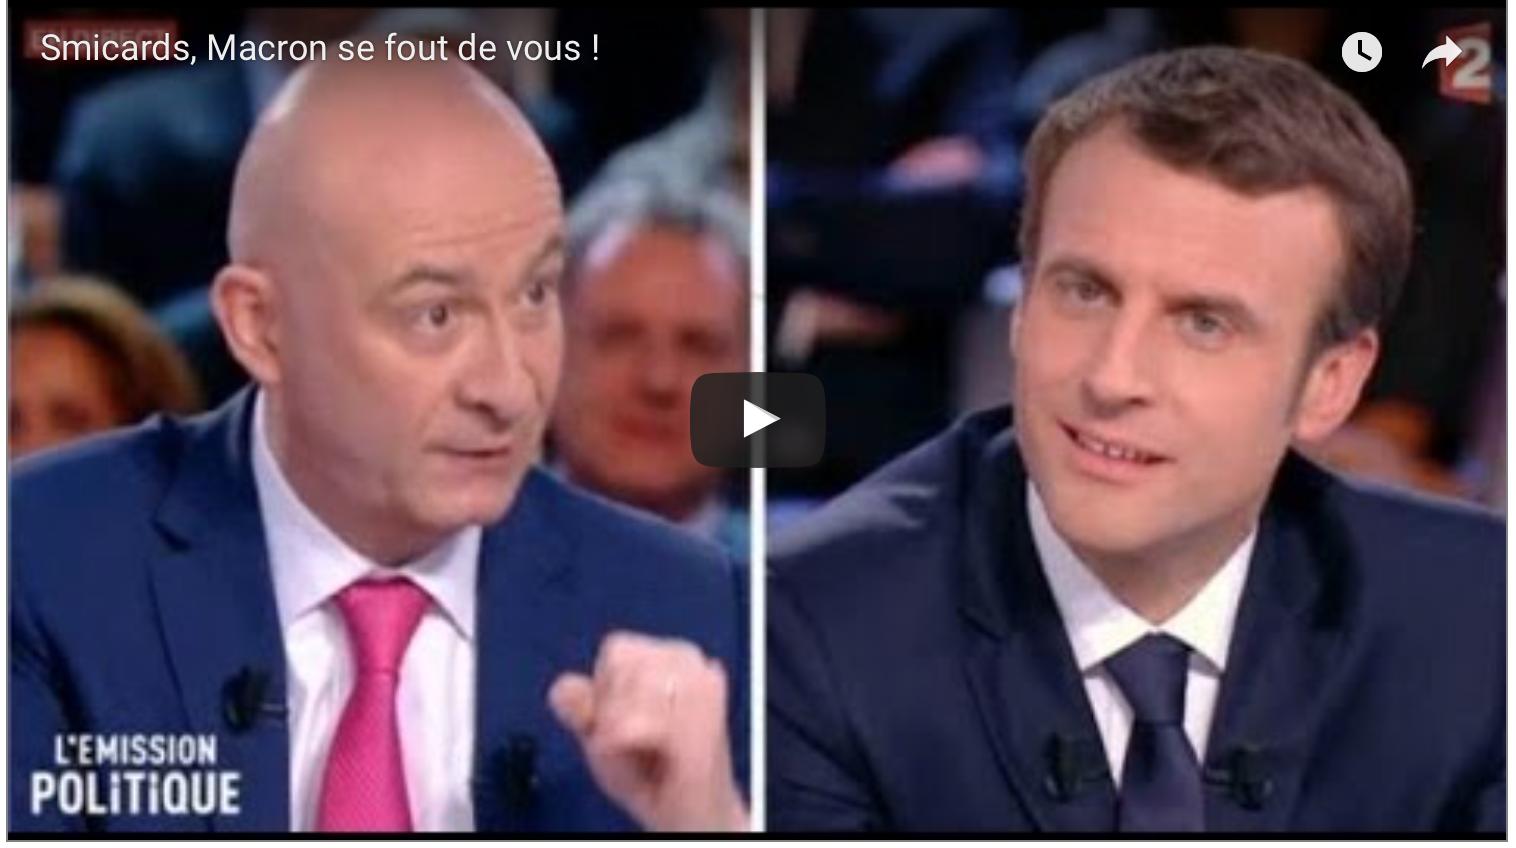 Macron dépouille les smicards pour enrichir encore plus les grands patrons, sans contre-partie d'emplois